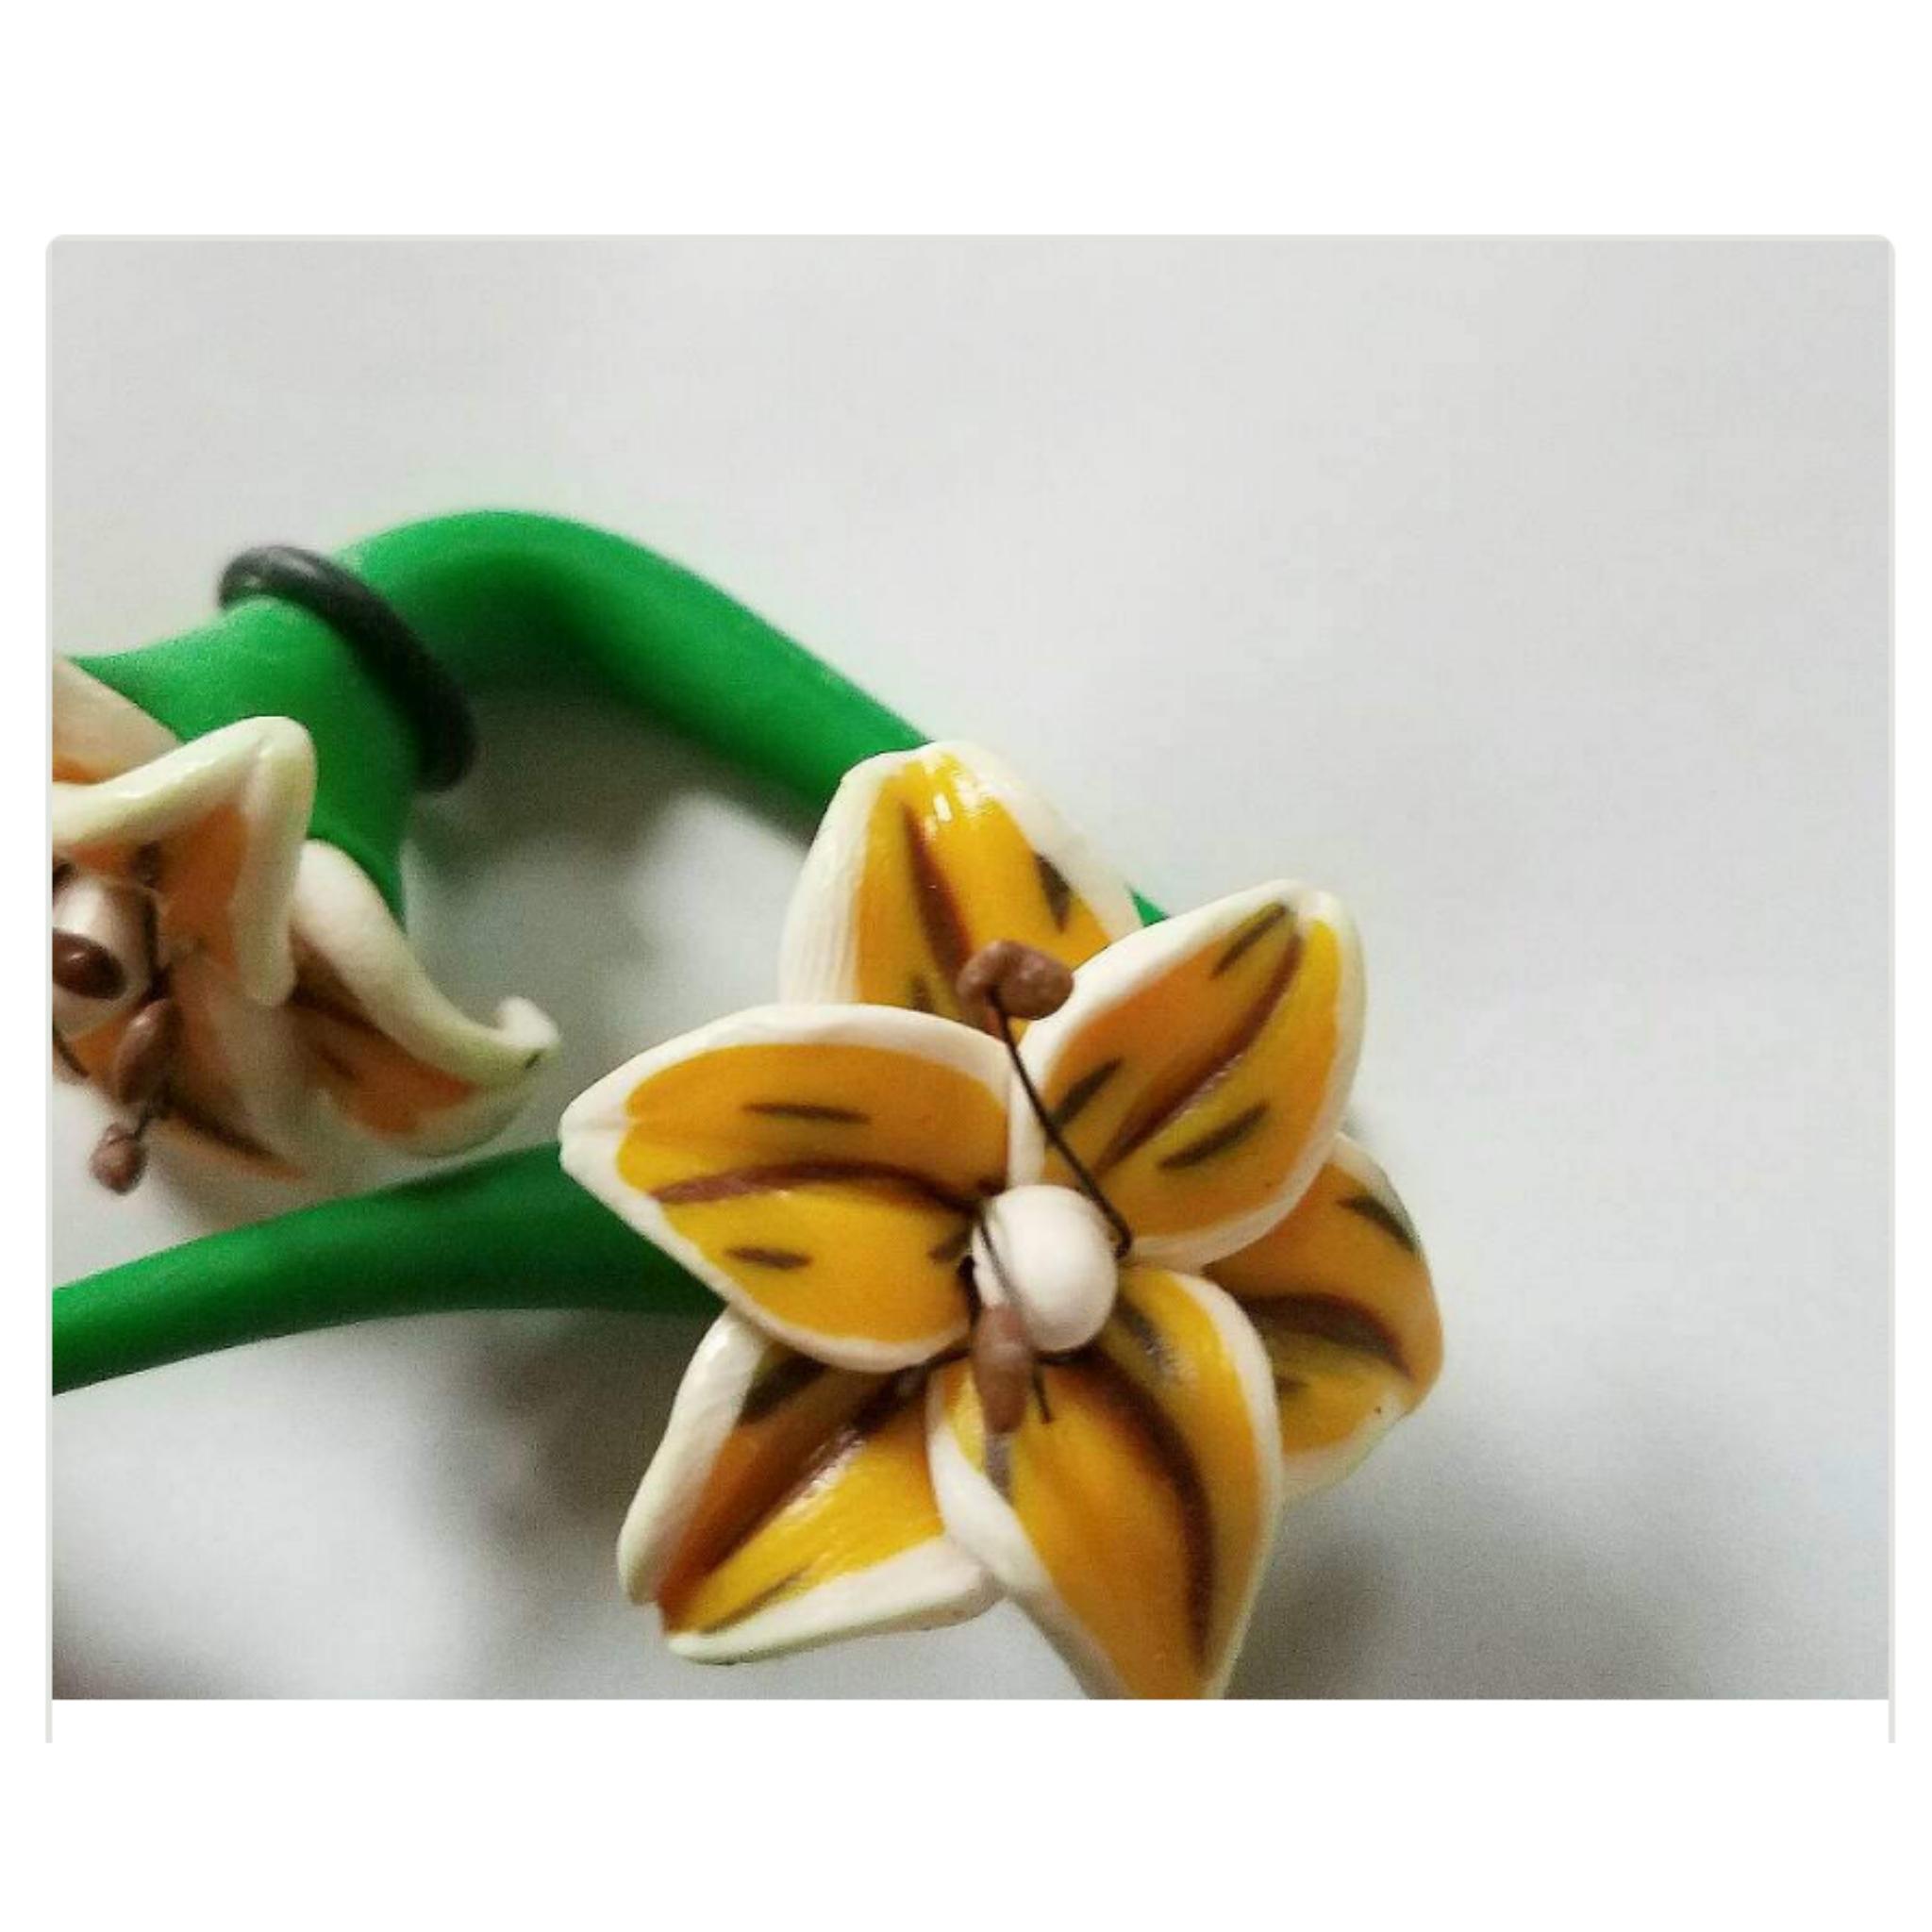 Handmade Clay Flower Plugs Yellow Flower 0 Gauge Earrings Floral